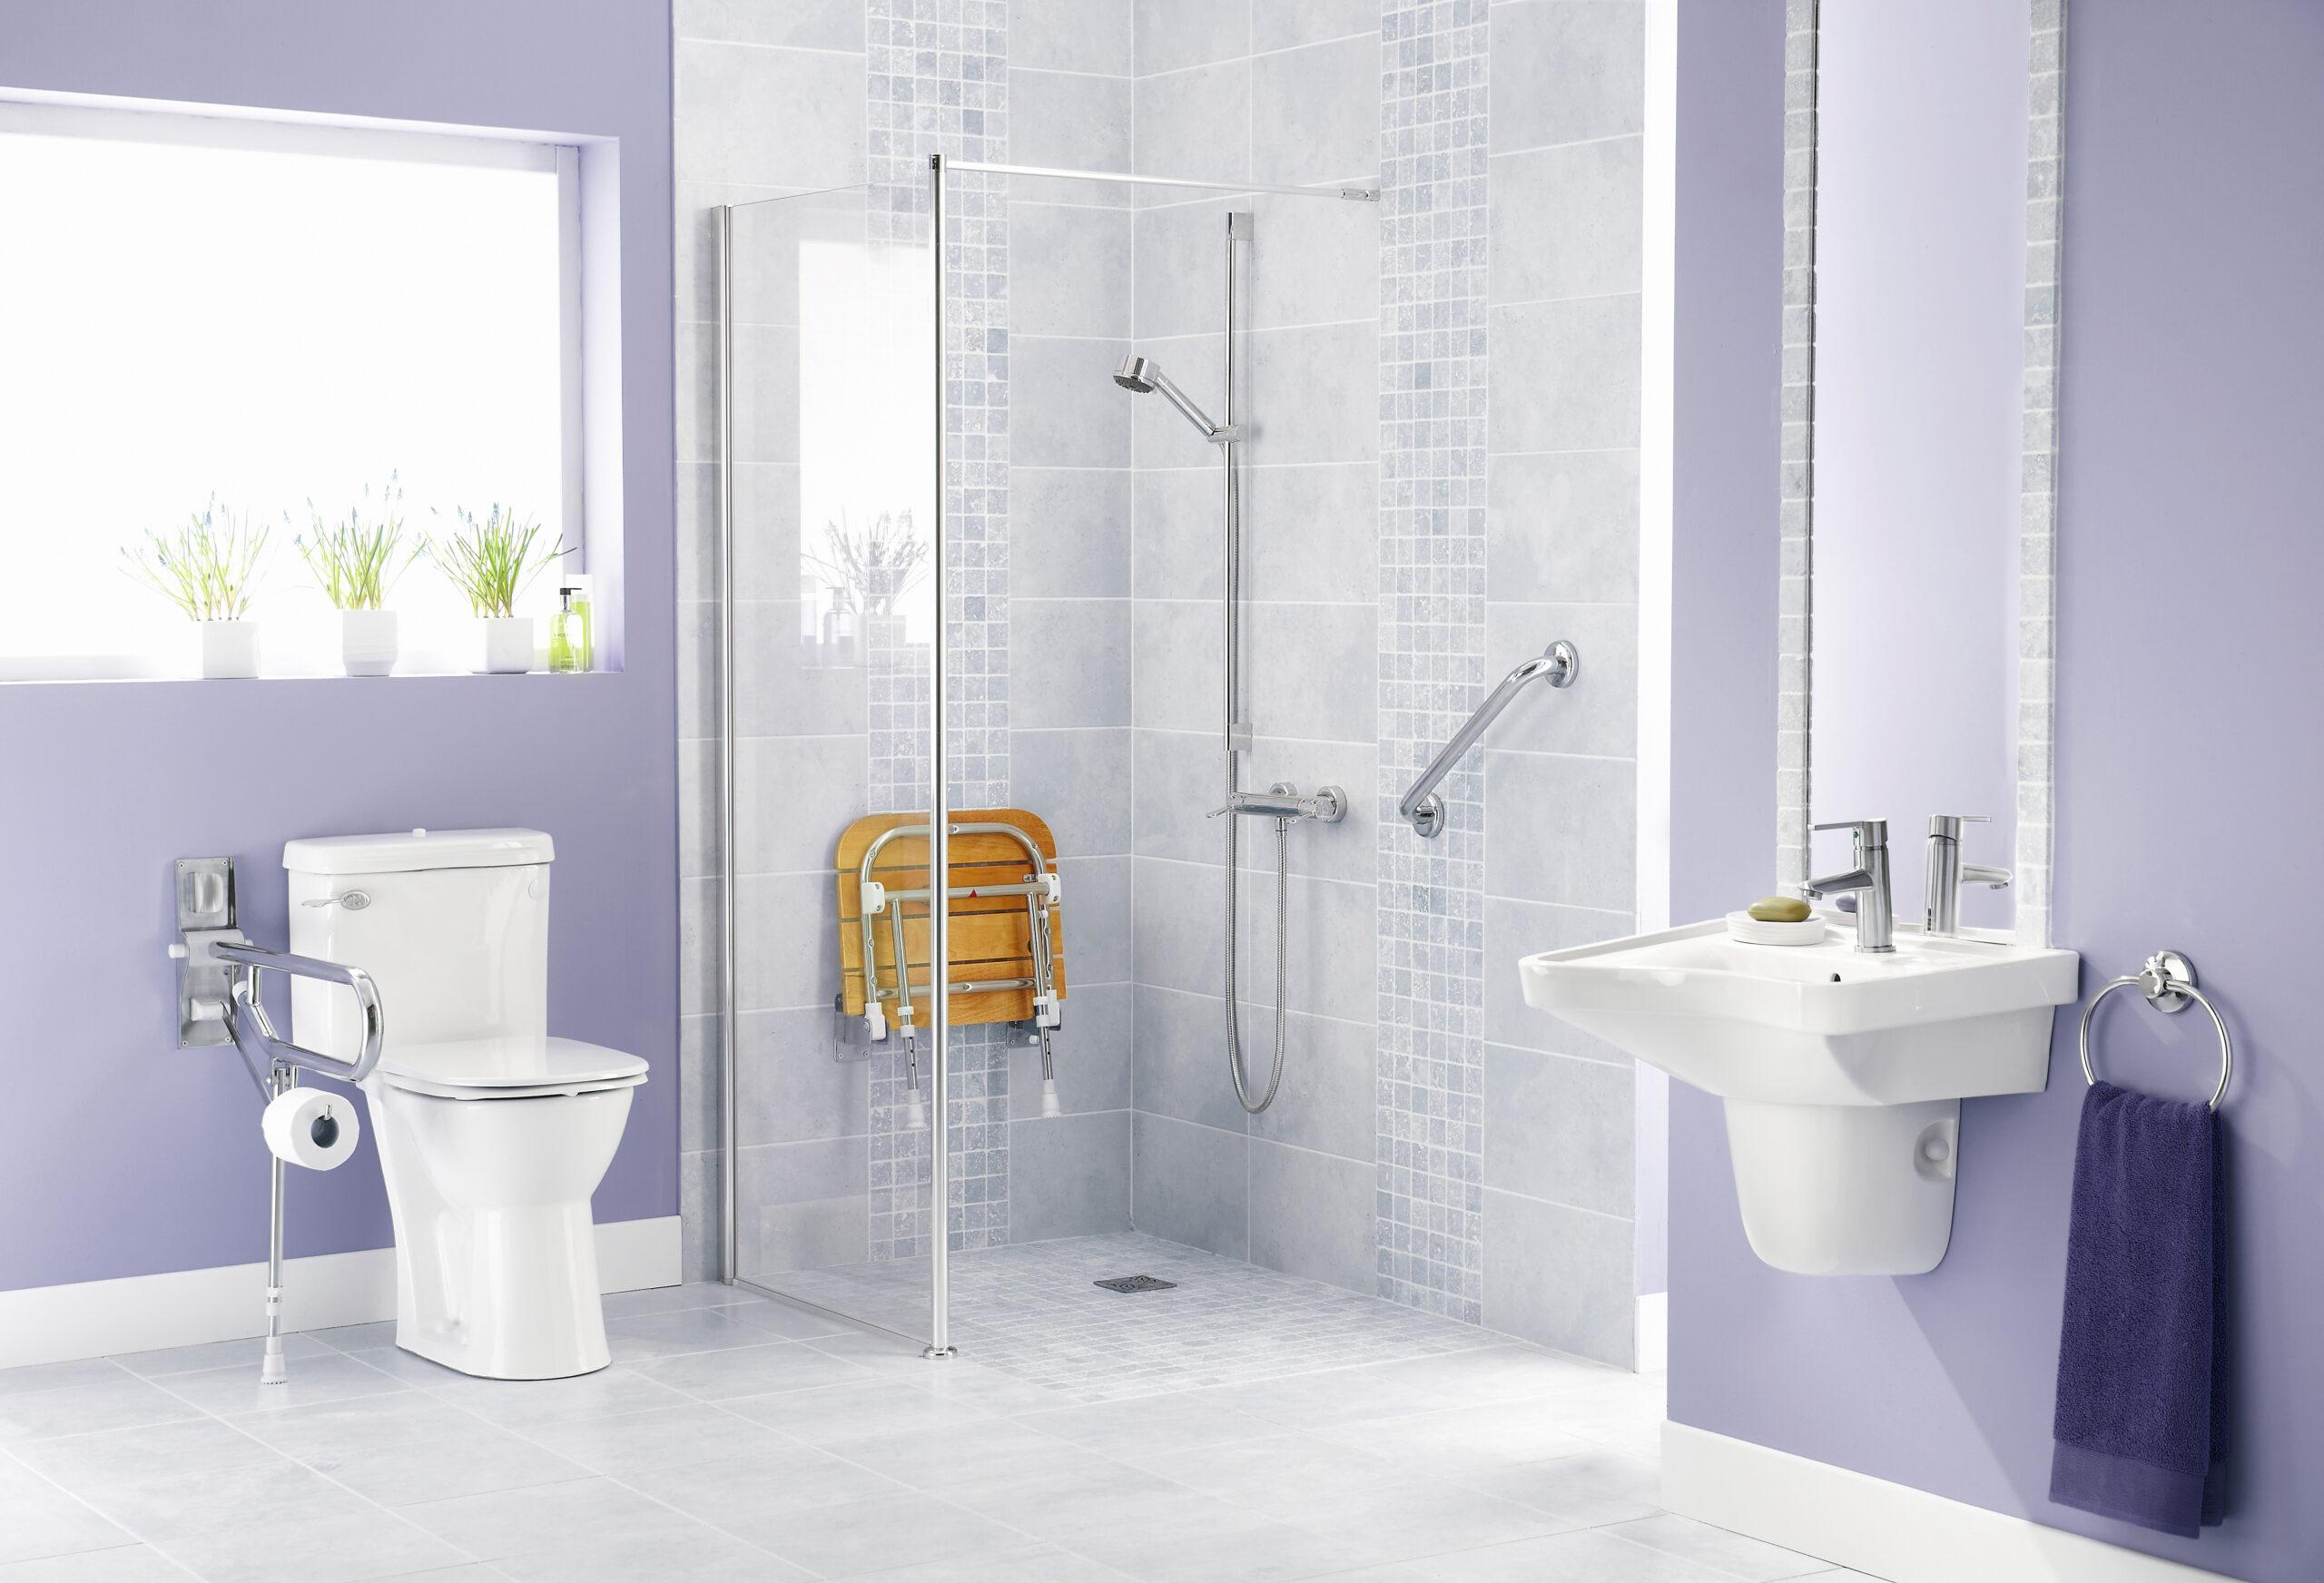 Full Size of Antirutschmatte Dusche Ikea Bauhaus Test Rossmann Kinder Waschen Rund Schimmel Waschbar Dm Reinigen Sturzgefahr So Vermeiden Sie Strze Im Bad Angehrige Pflegen Dusche Antirutschmatte Dusche